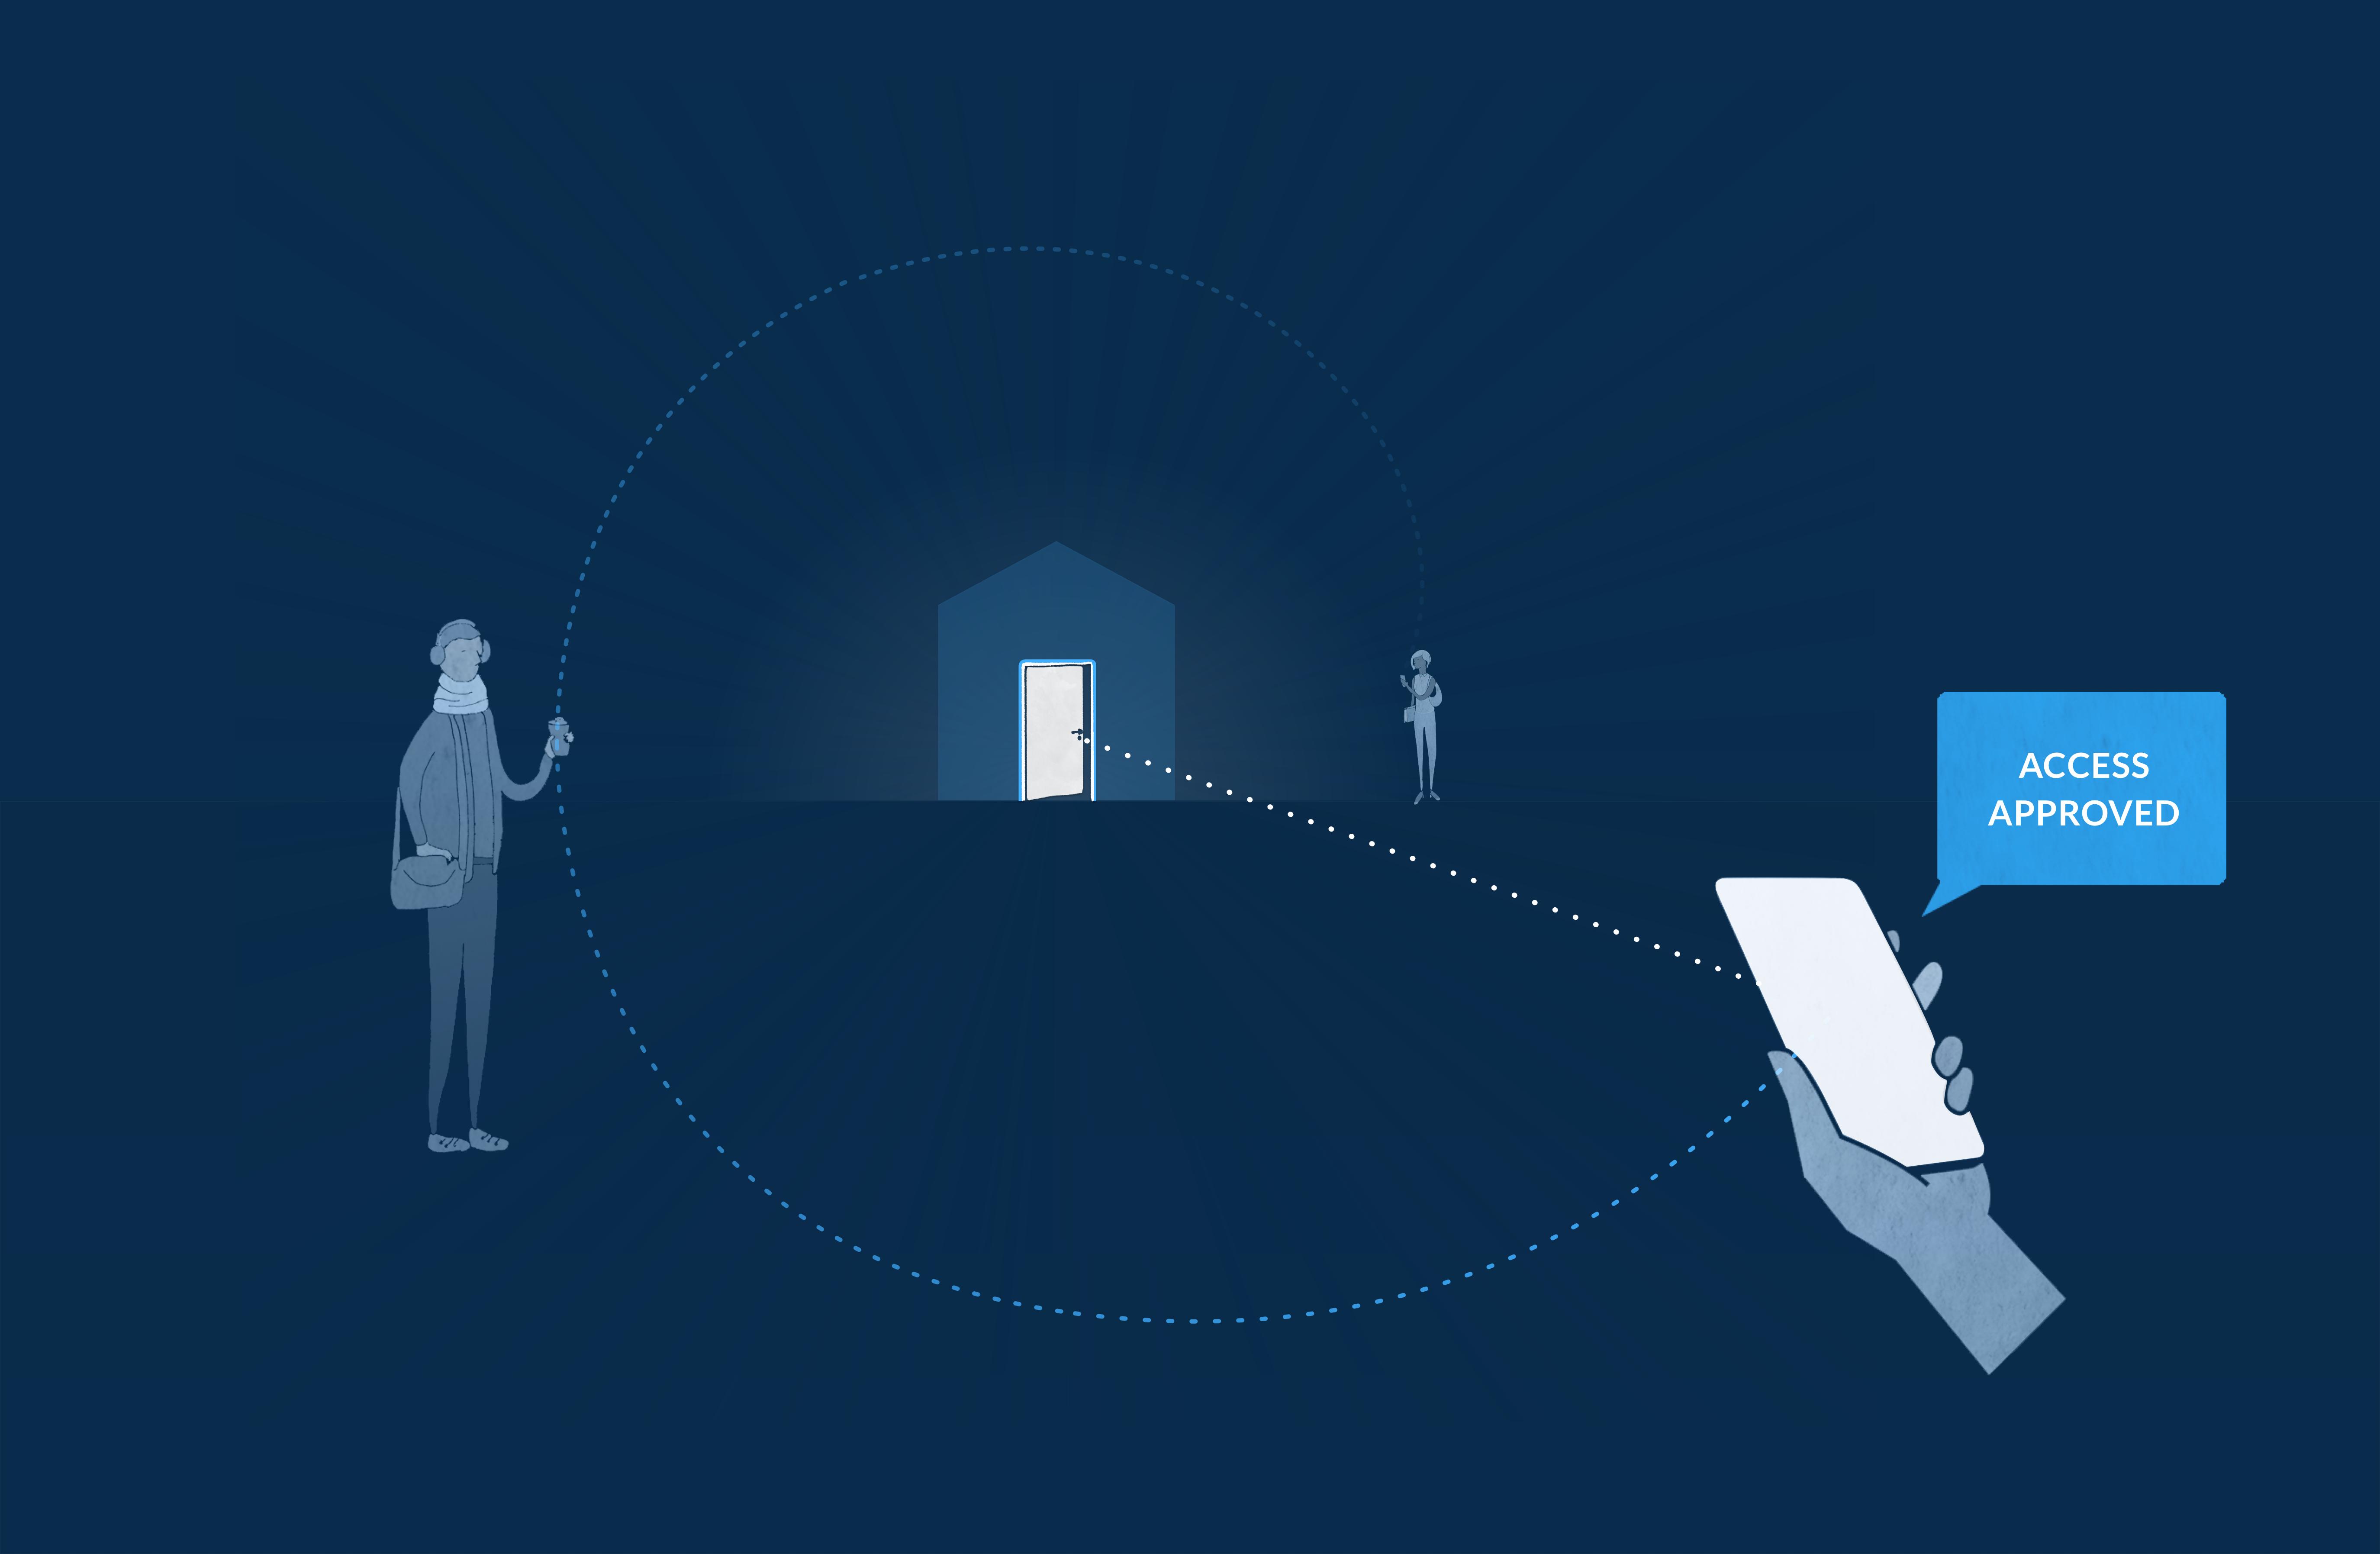 Flexibilität eines digitalen Zugangssystems